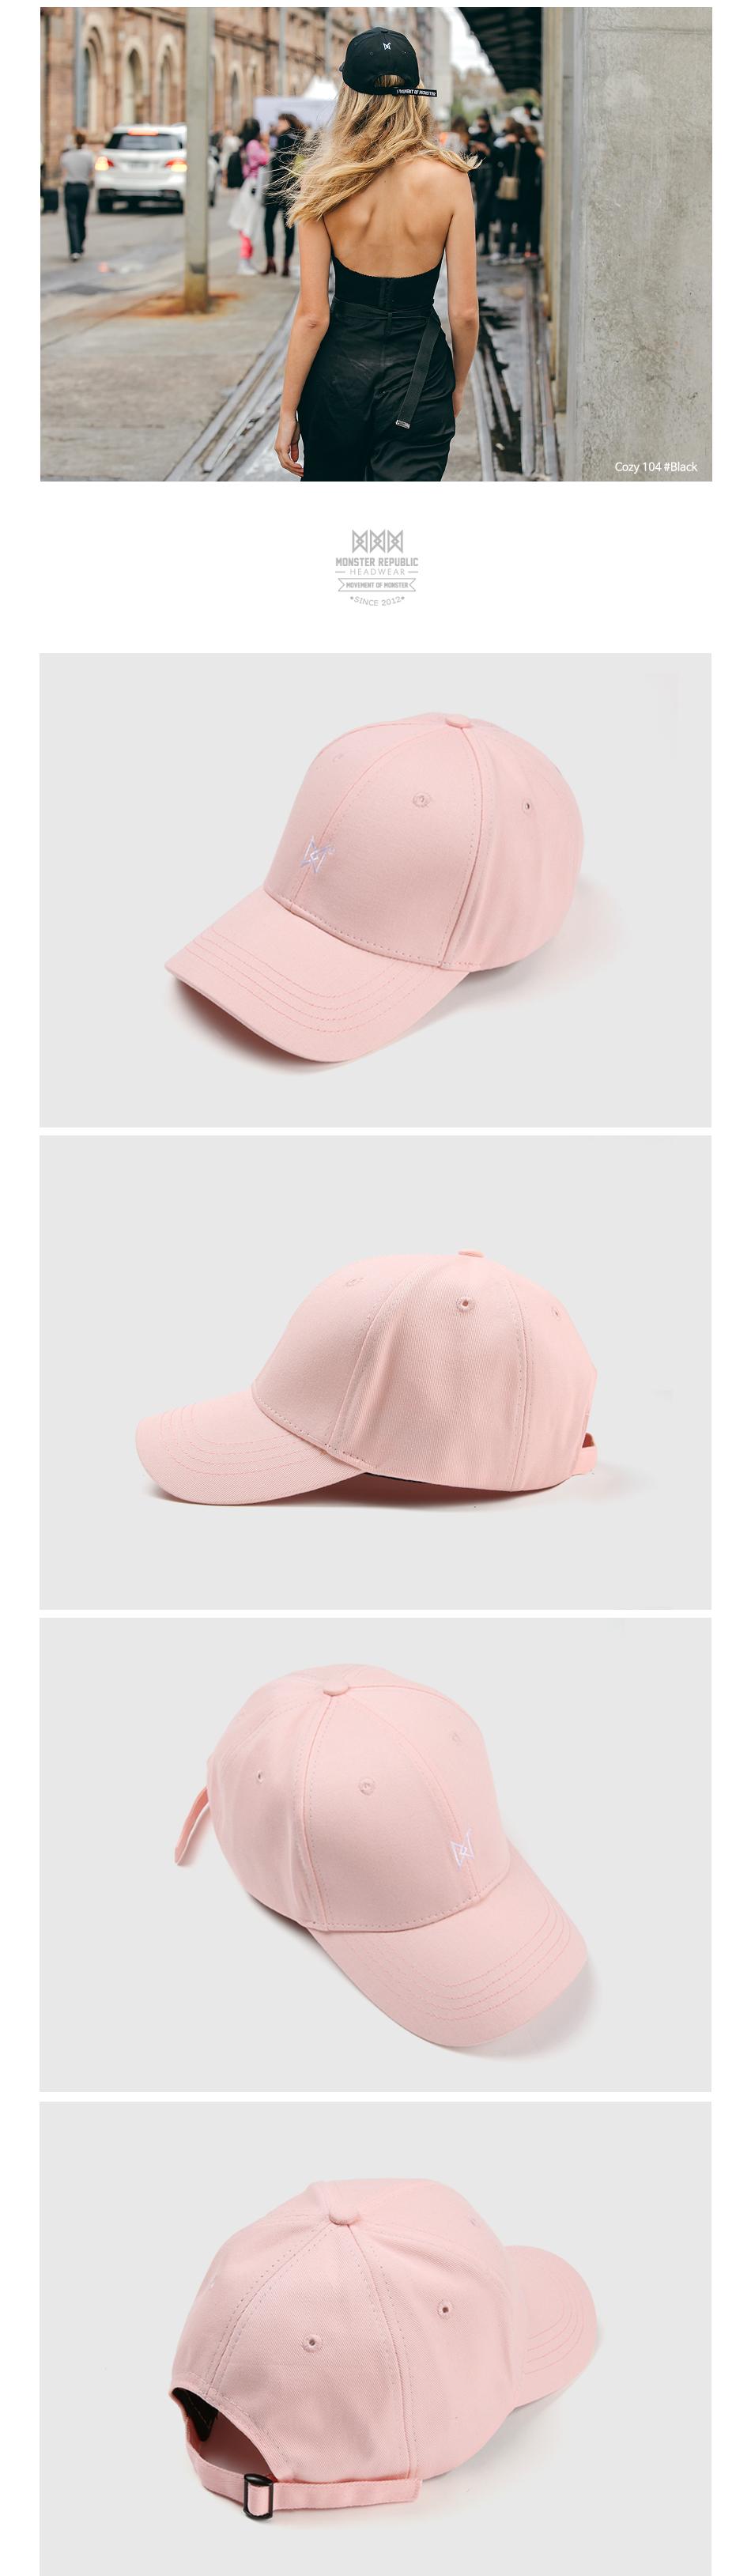 [몬스터 리퍼블릭] COZY 101 BALL CAP / PINK